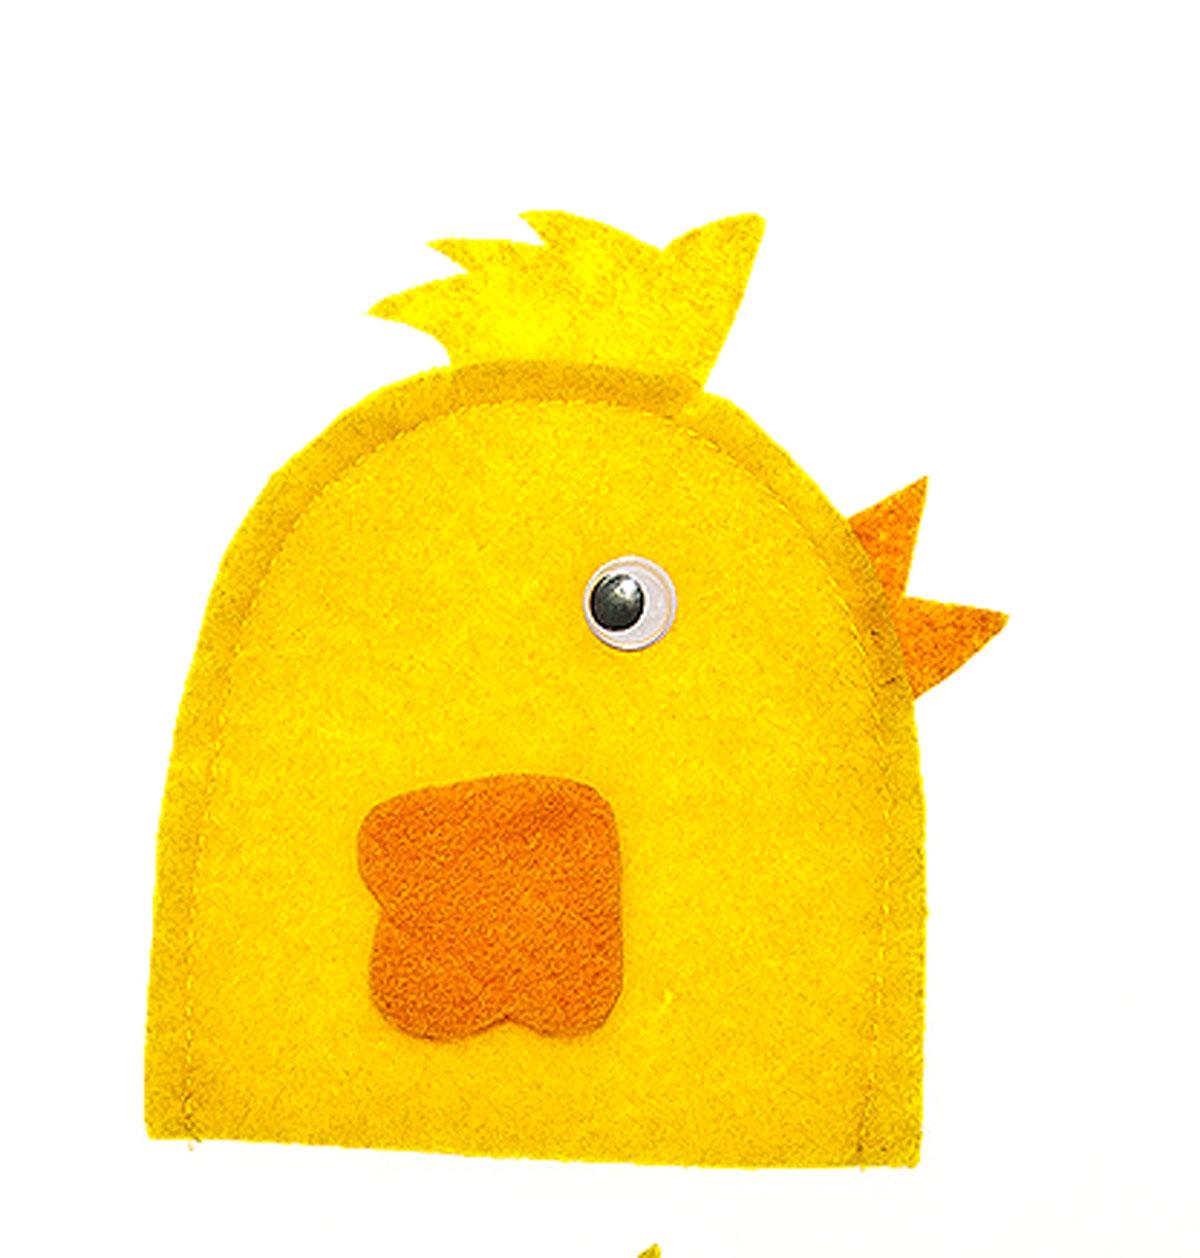 Грелка для яйца Home Queen Цыпленок в профиль, цвет: желтый, 10 см х 10 см64520_5Грелка для яйца Home Queen Цыпленок в профиль изготовлена из фетра. Изделие выполнено в виде цыпленка в профиль. Мягкая и приятная на ощупь, грелка внесет частичку тепла и веселья в ваш дом, а также станет замечательным подарком для друзей и близких. Размер: 10 см х 10 см.